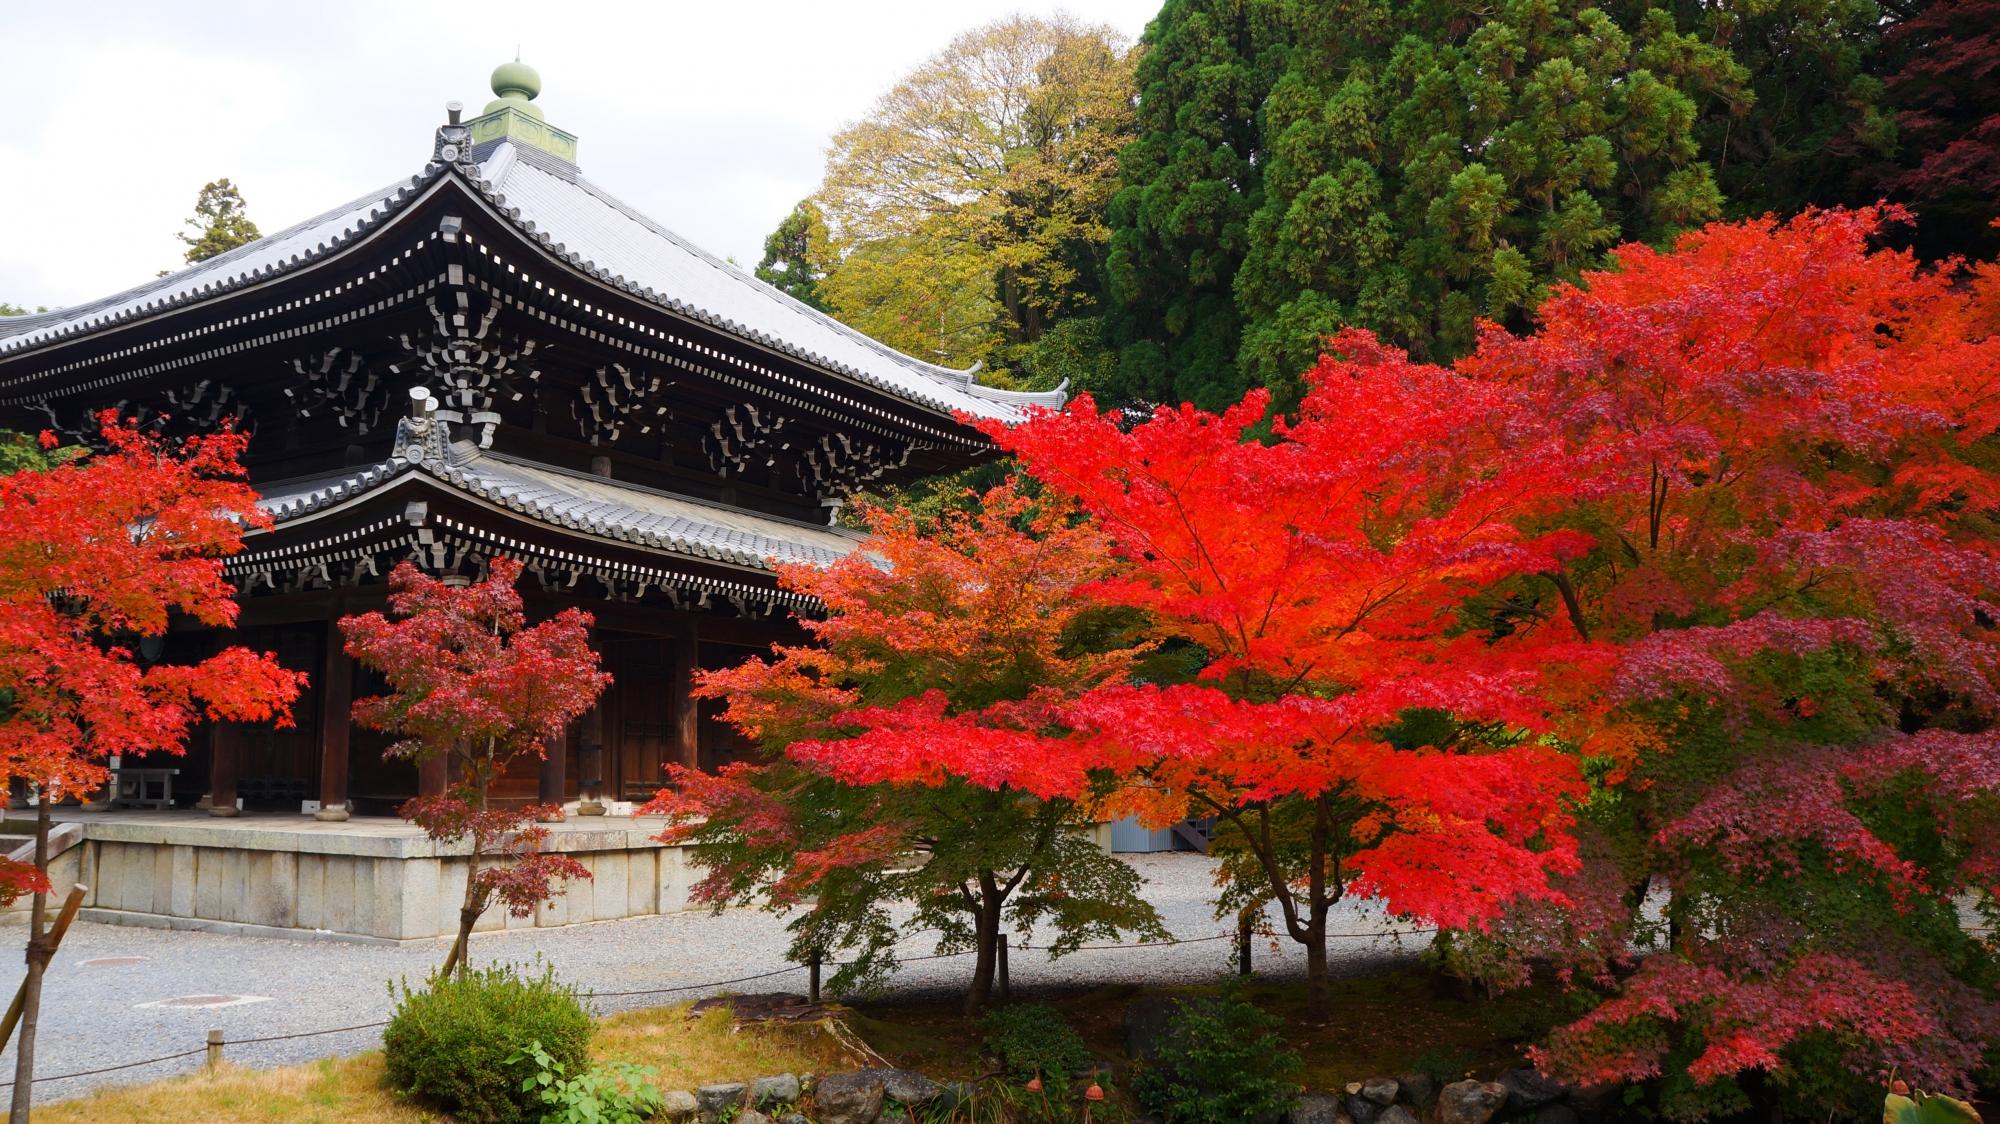 深い緑や風情ある境内の中で目を引くような鮮やかな色合いの紅葉